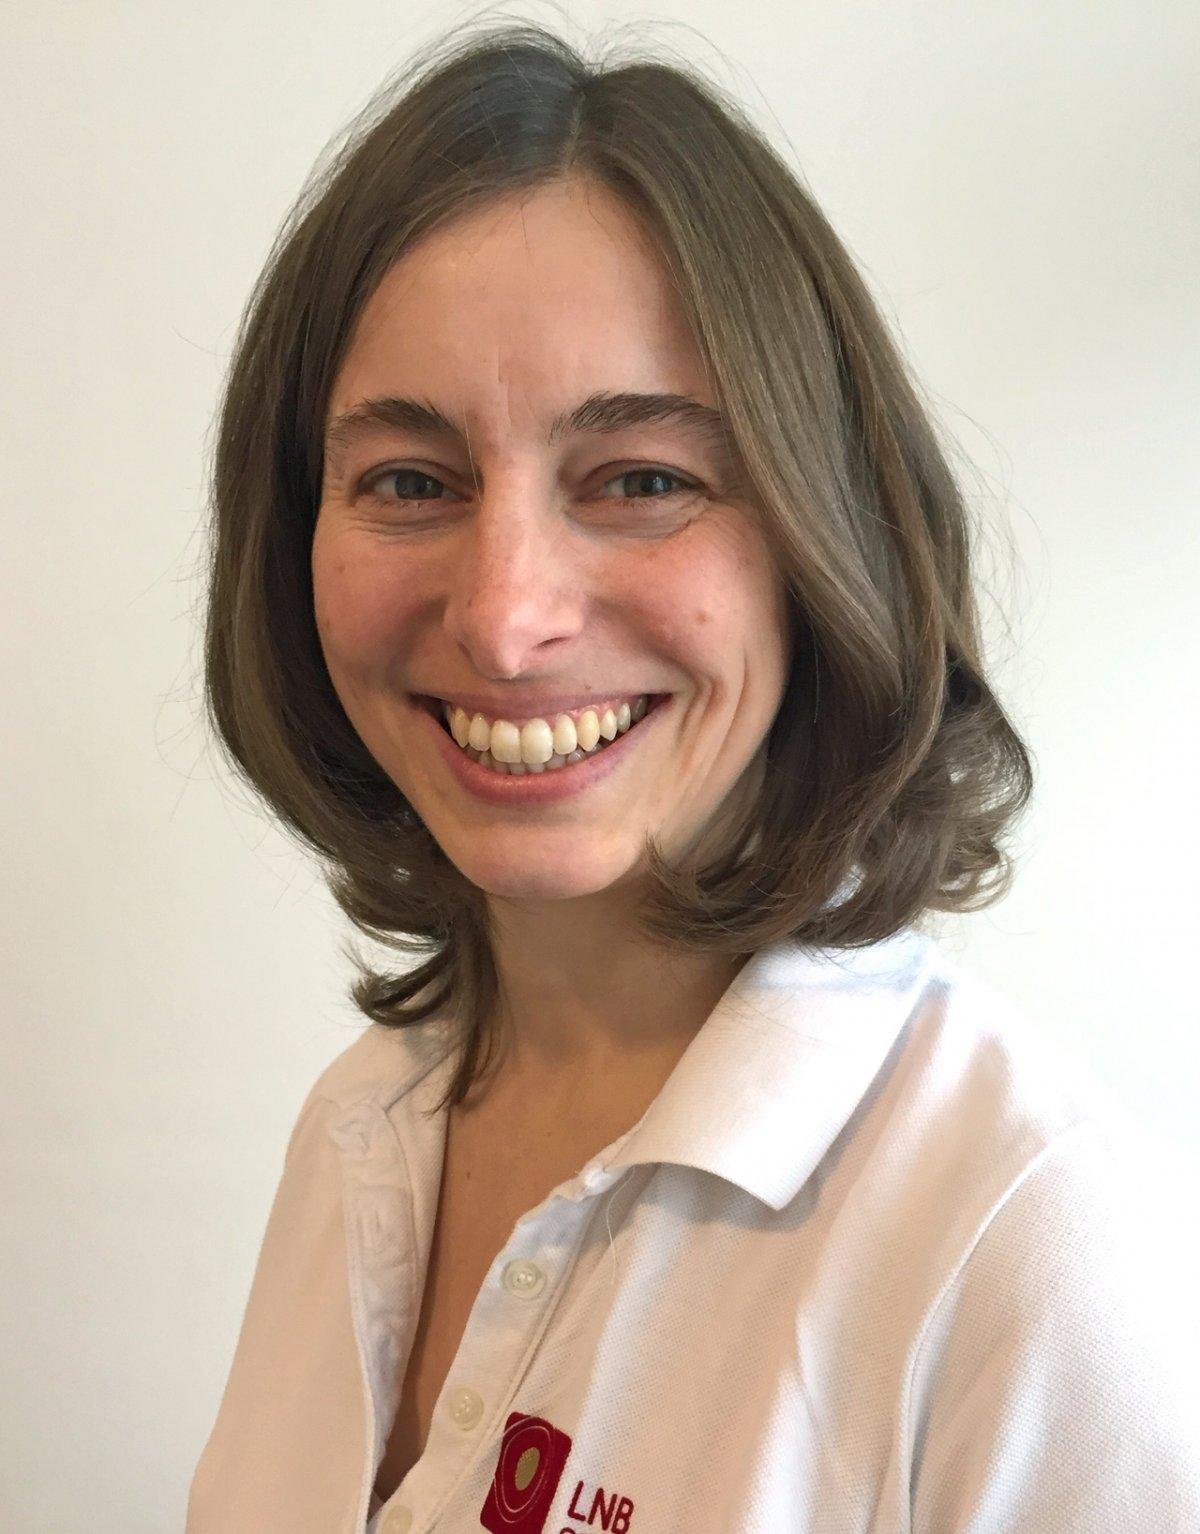 Auf dem Foto lacht Miriam Kreßner aus Chemnitz in die Kamera. Sie hat stufige braune schulterlange Haare und trägt ein weißes Liebscher & Bracht Polo T-Shirt.